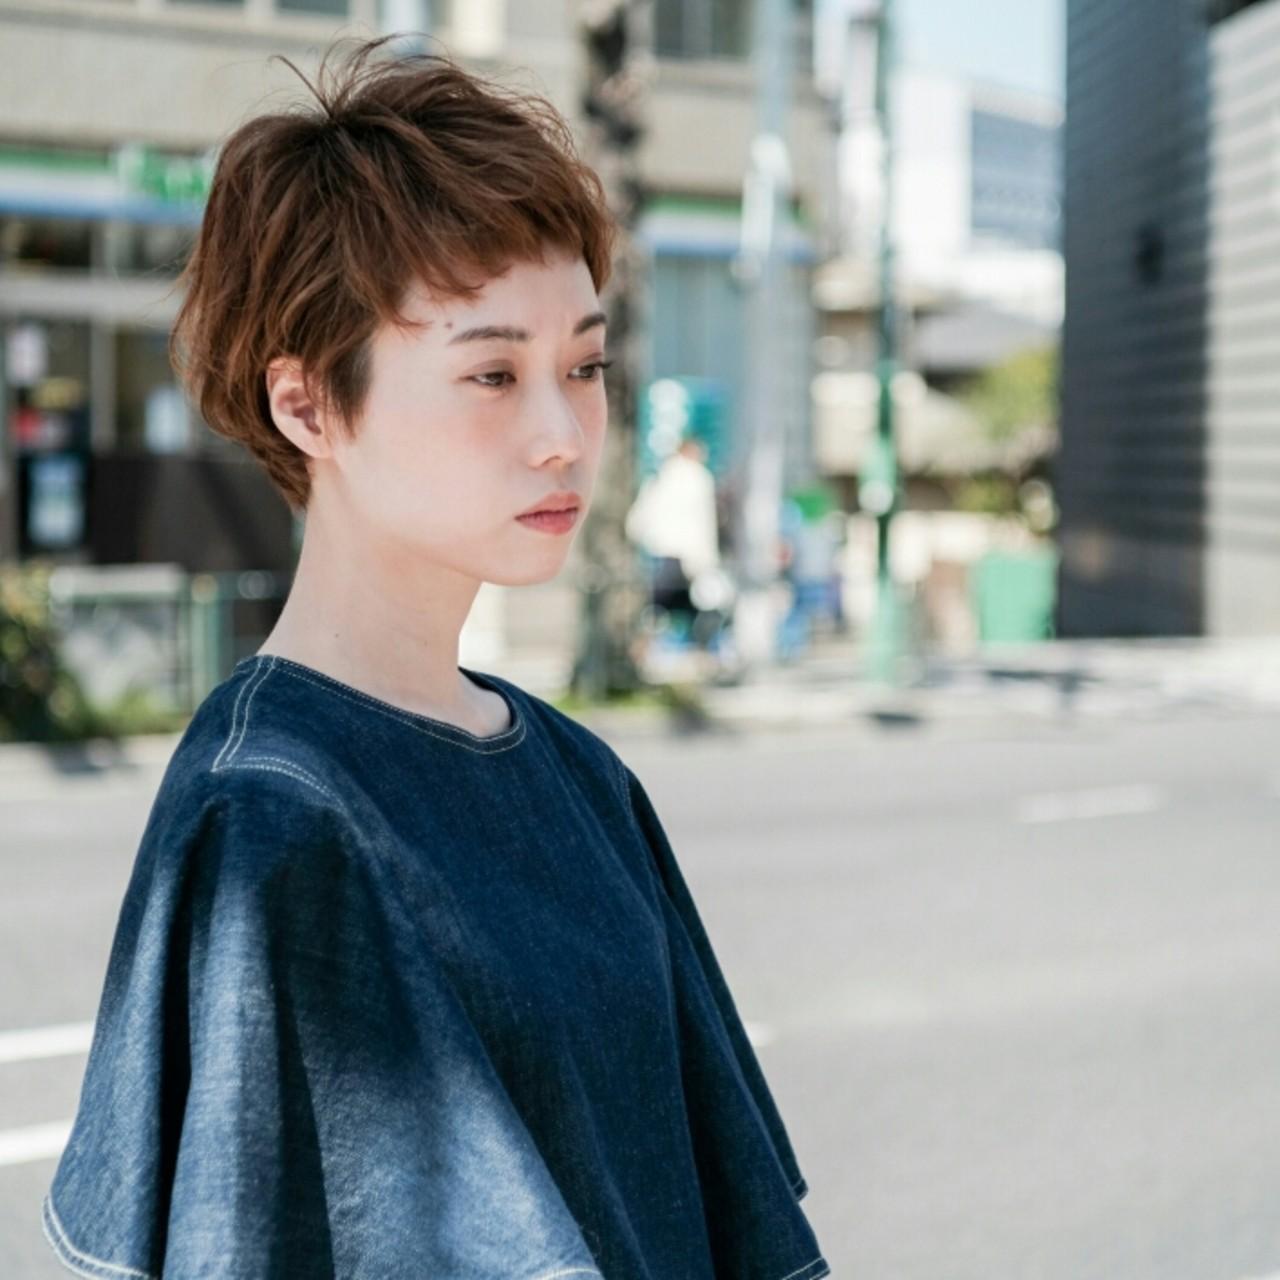 ショート ベリーショート オン眉 大人かわいい ヘアスタイルや髪型の写真・画像 | 大金亮介 / LiLi by Glanz